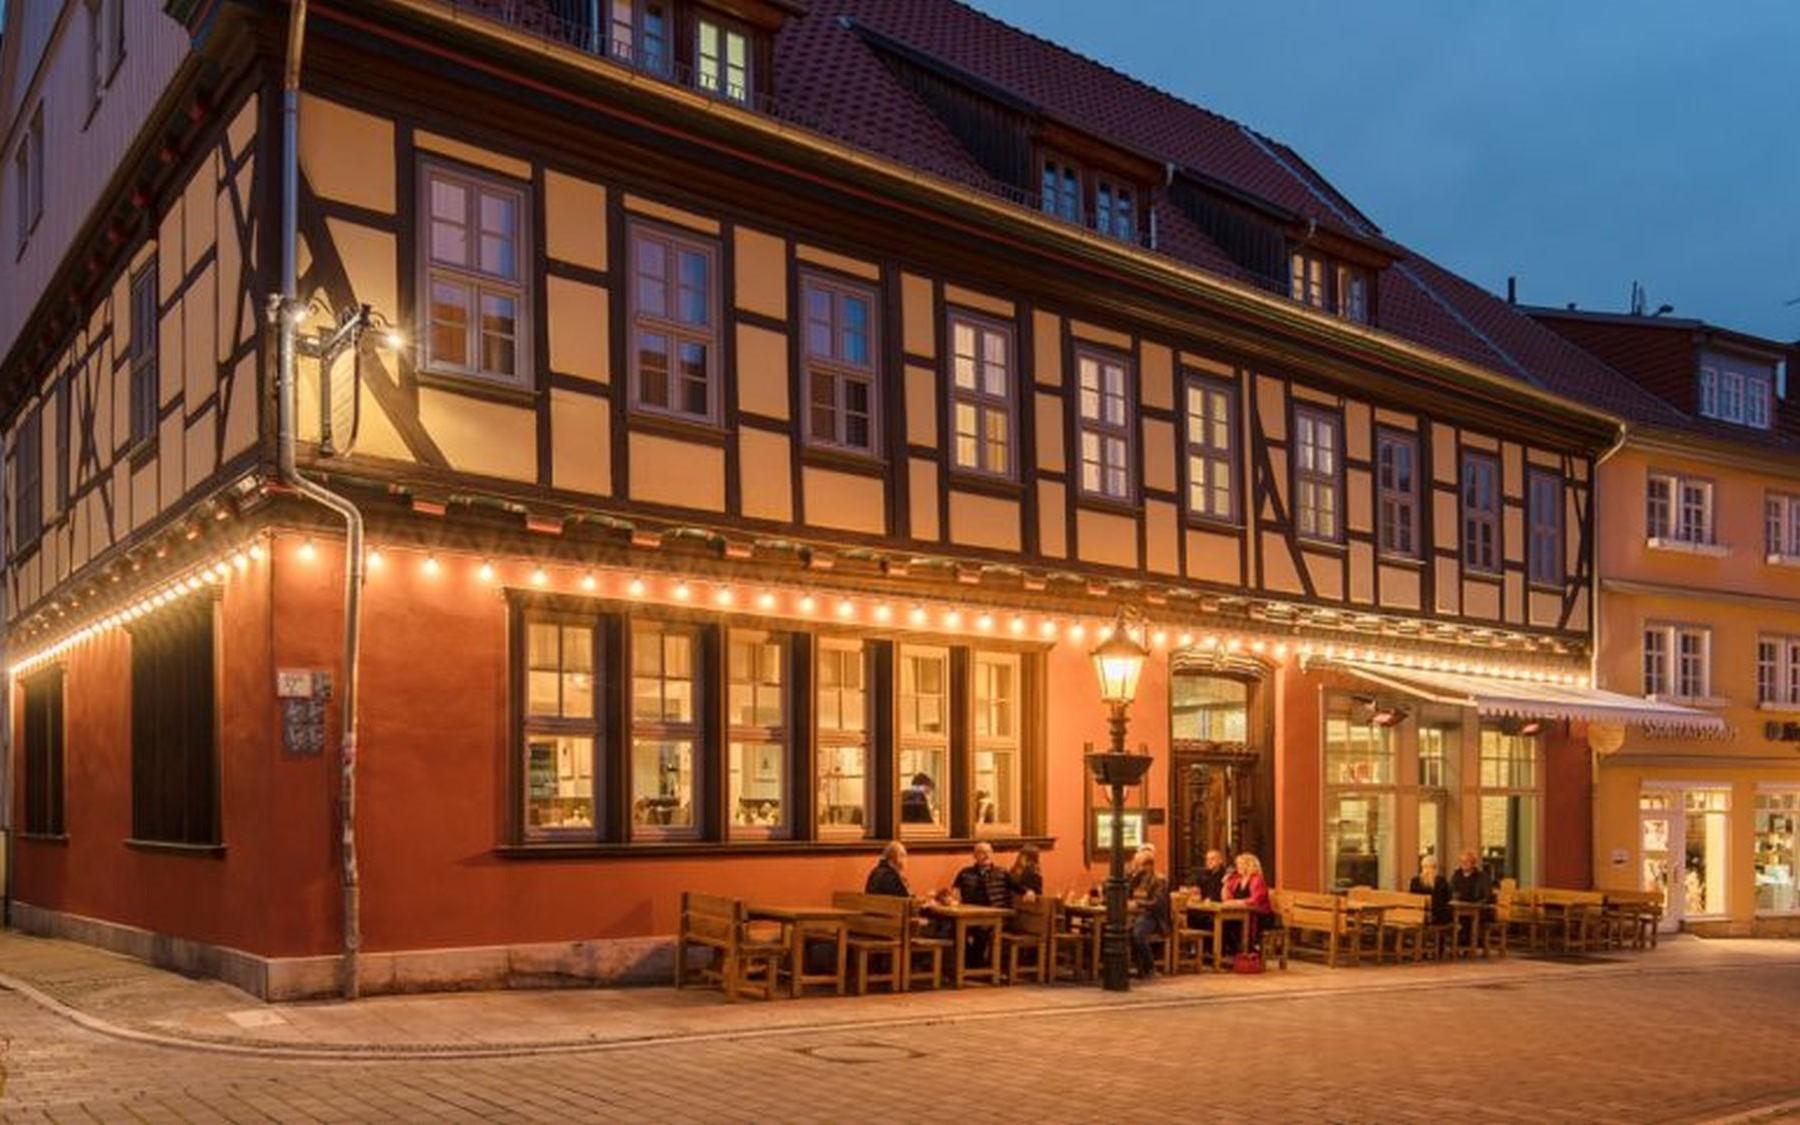 Hotel Mühlhäuser Hof (Mühlhausen).